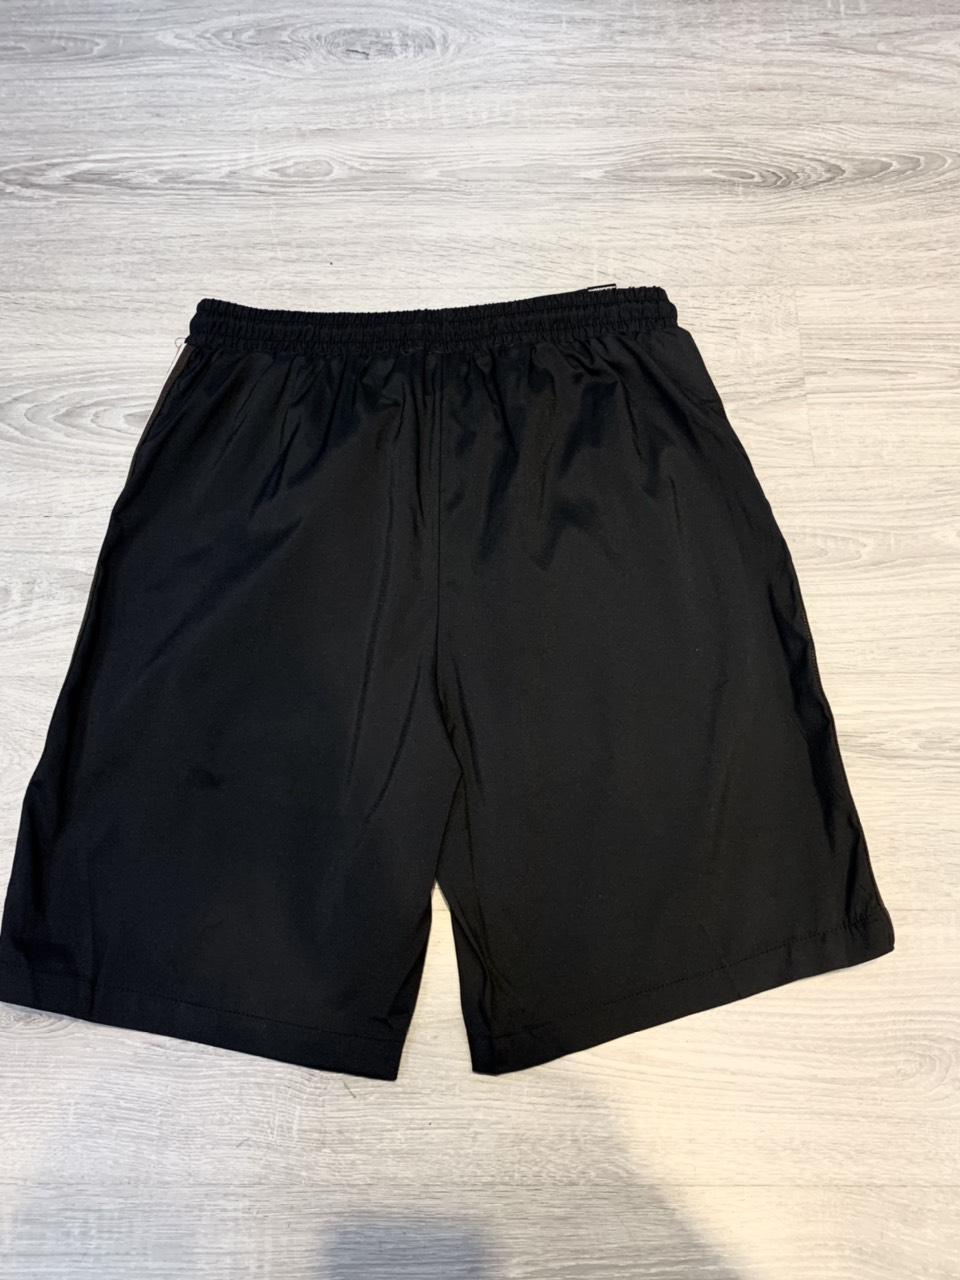 Quần short Gucci siêu cấp đen viền nâu 2 bên QSG2118